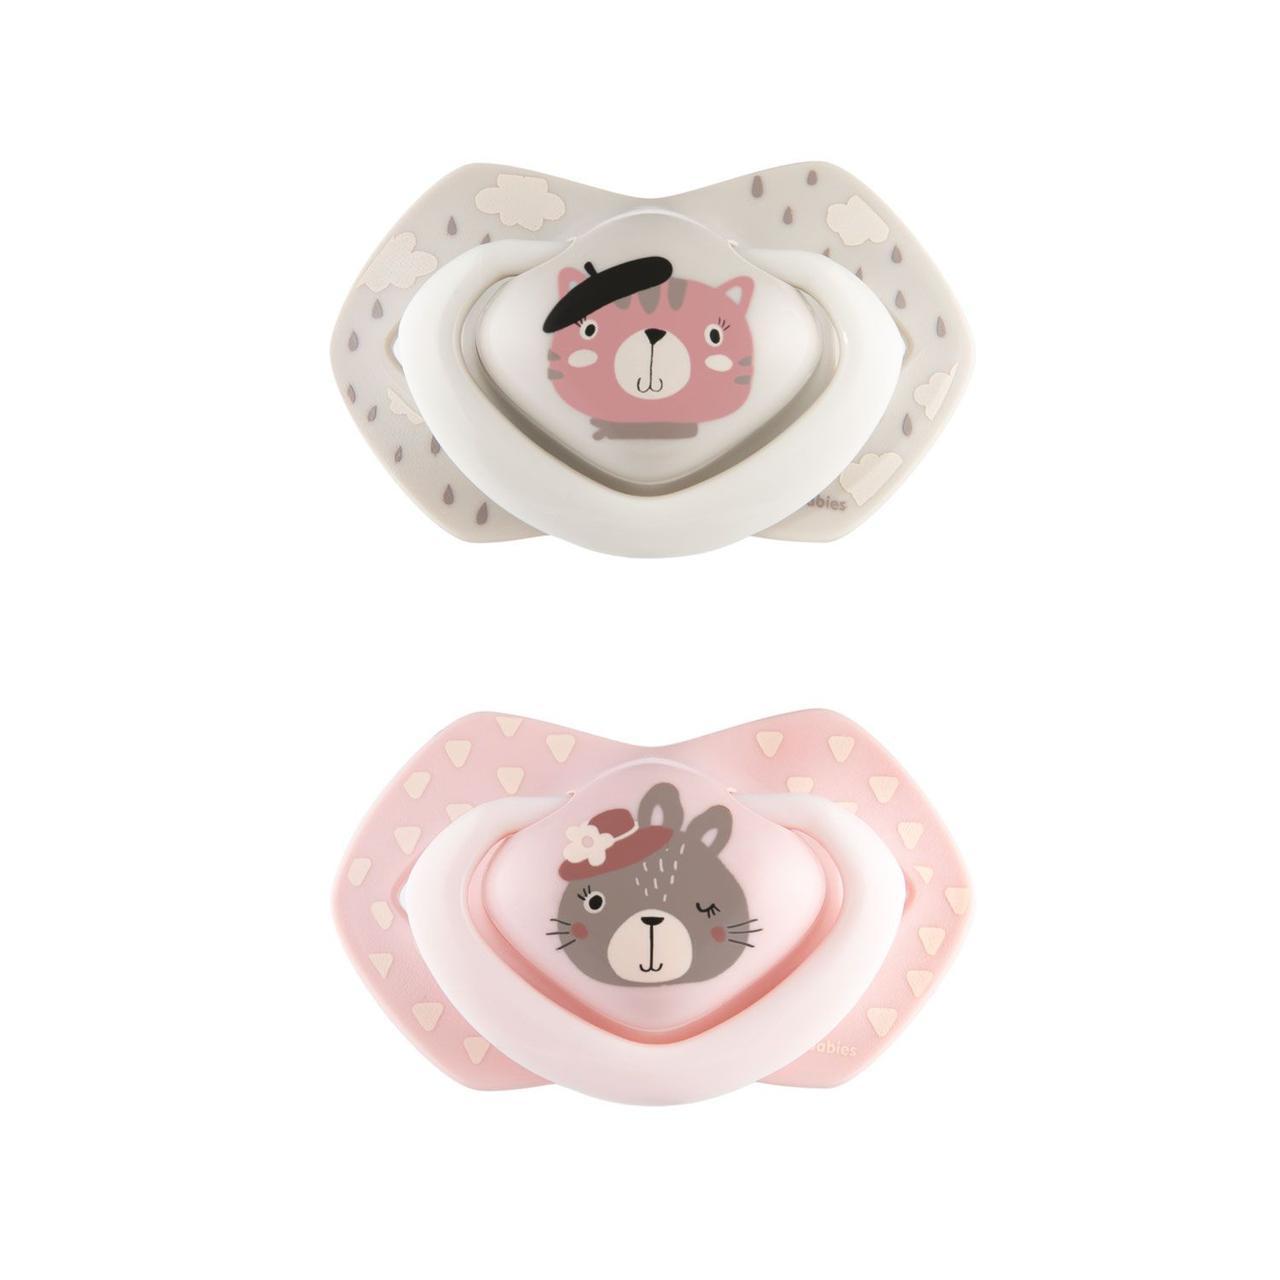 Пустушка силіконова симетрична 18+ міс BONJOUR PARIS 2 шт. - рожева  Canpol babies 22/649_pin